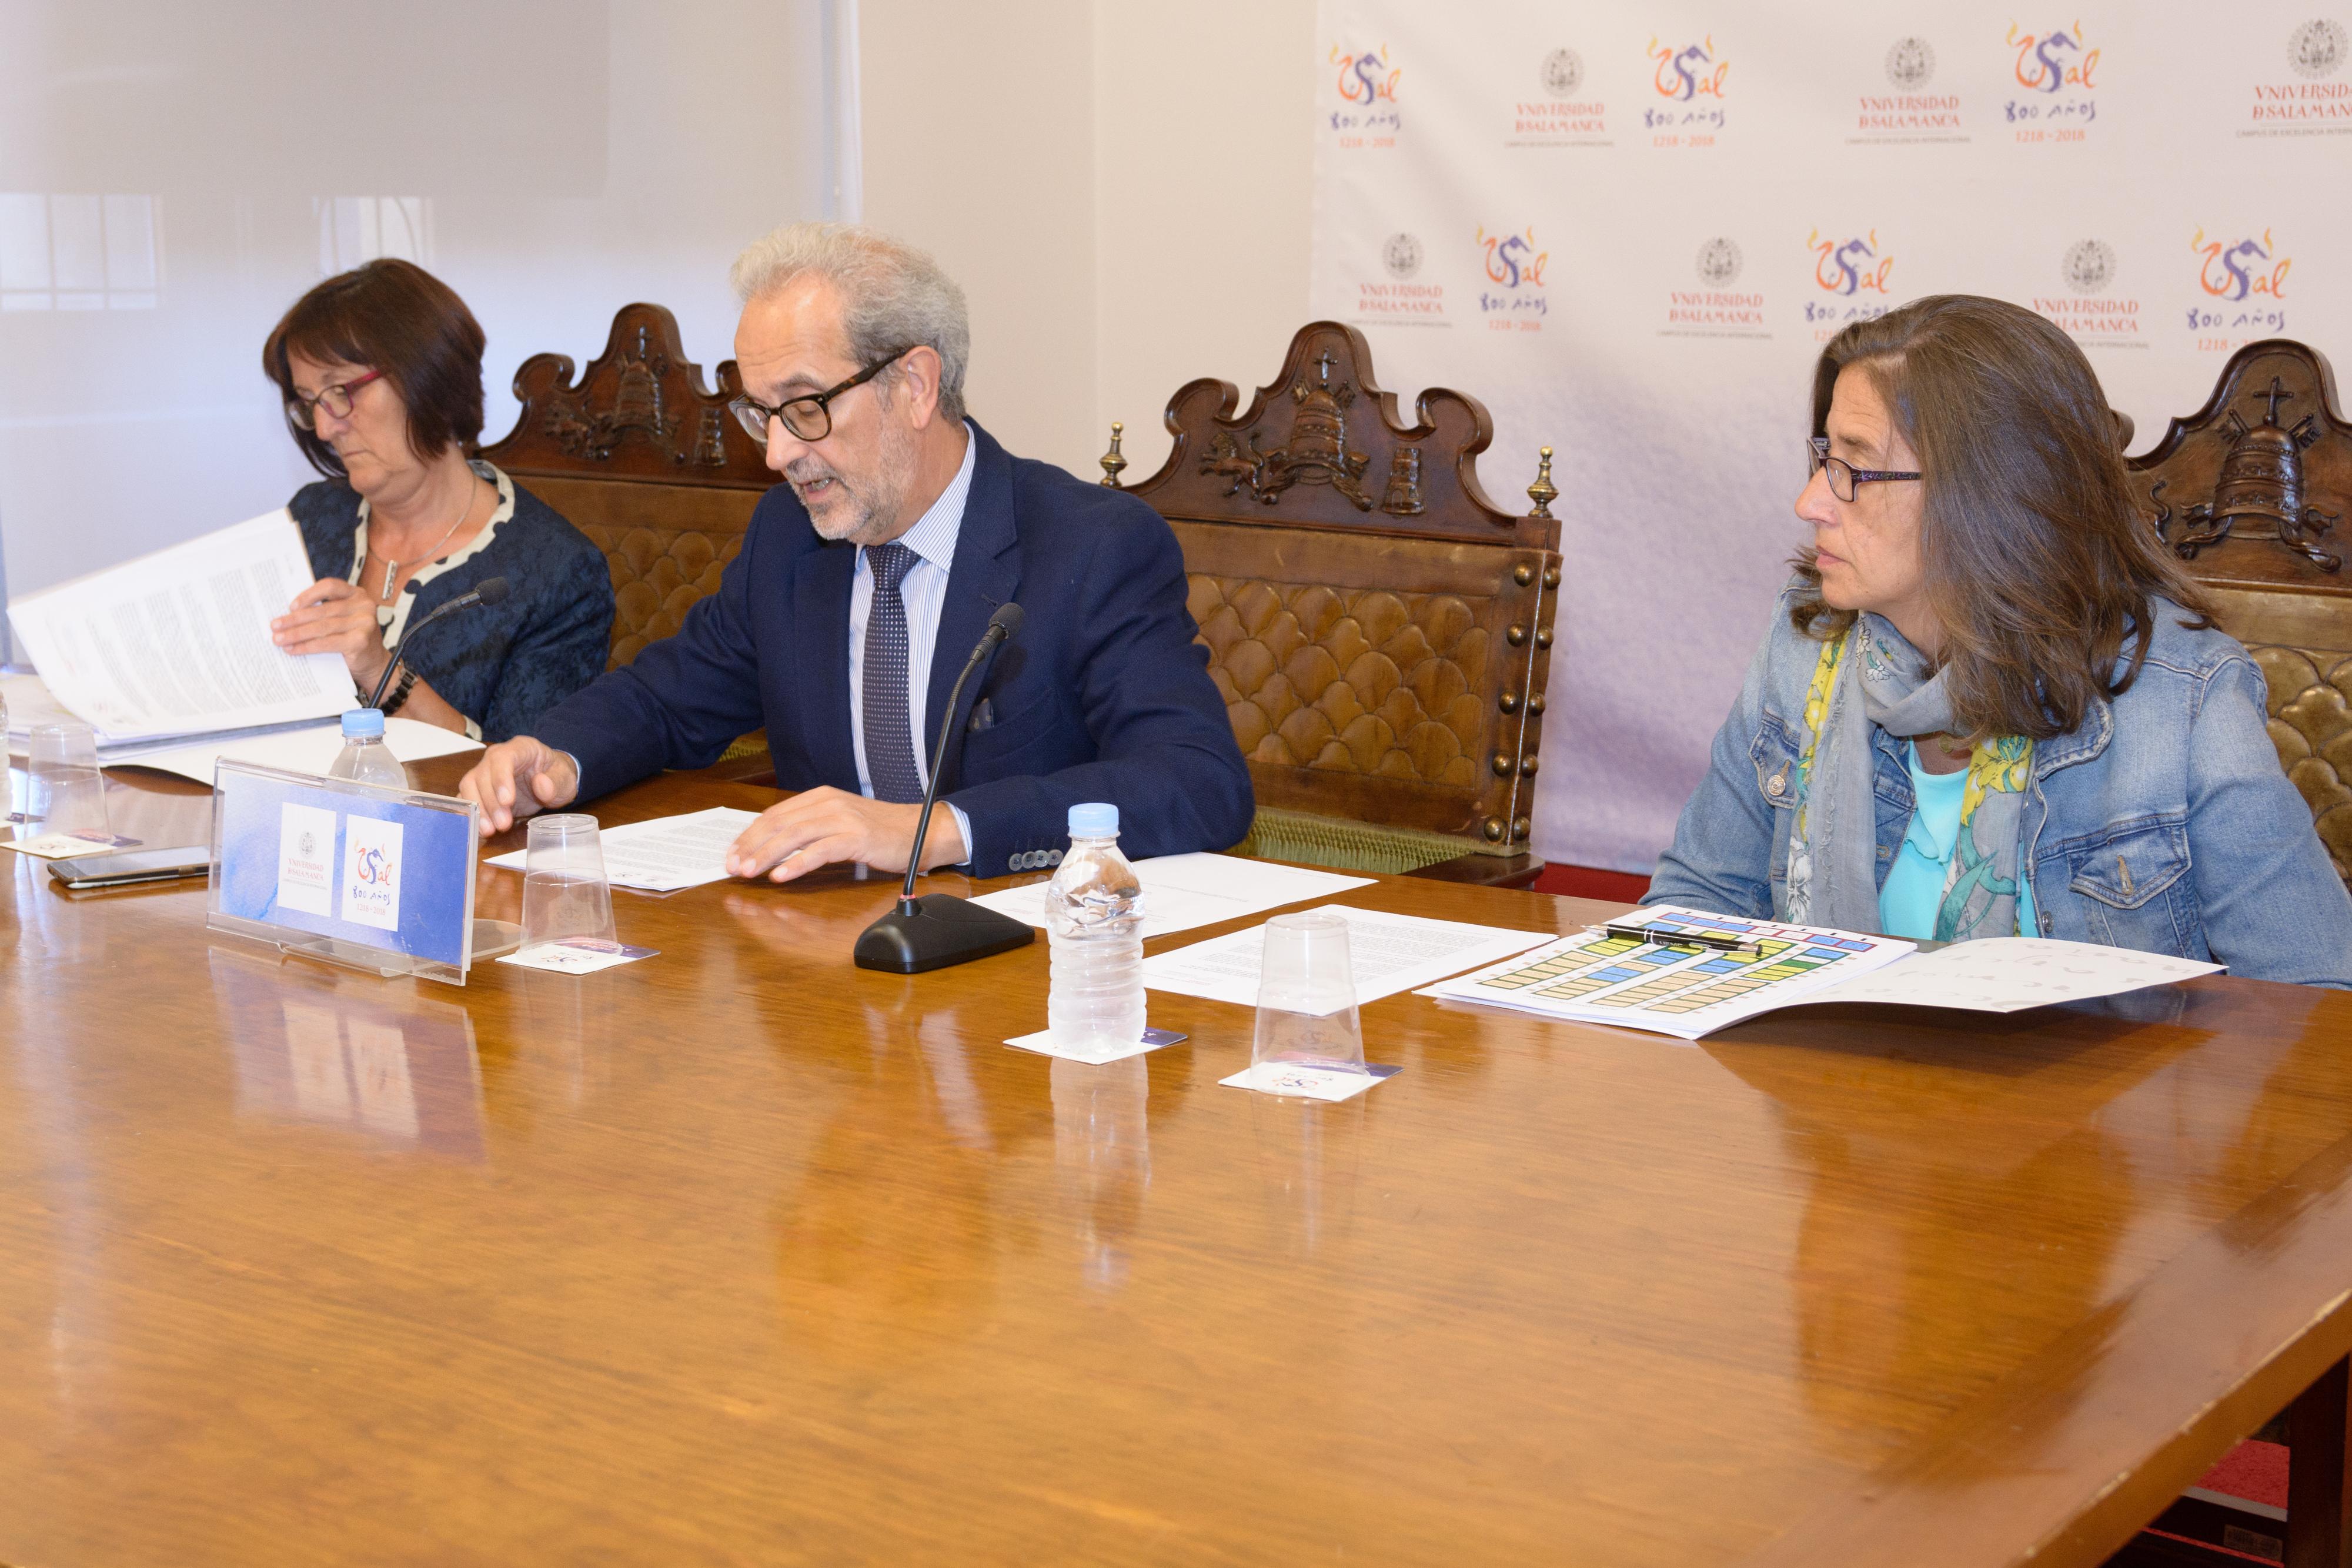 La Oferta de plazas de profesorado permanente de la Universidad de Salamanca durante 2017 constará de 129 plazas